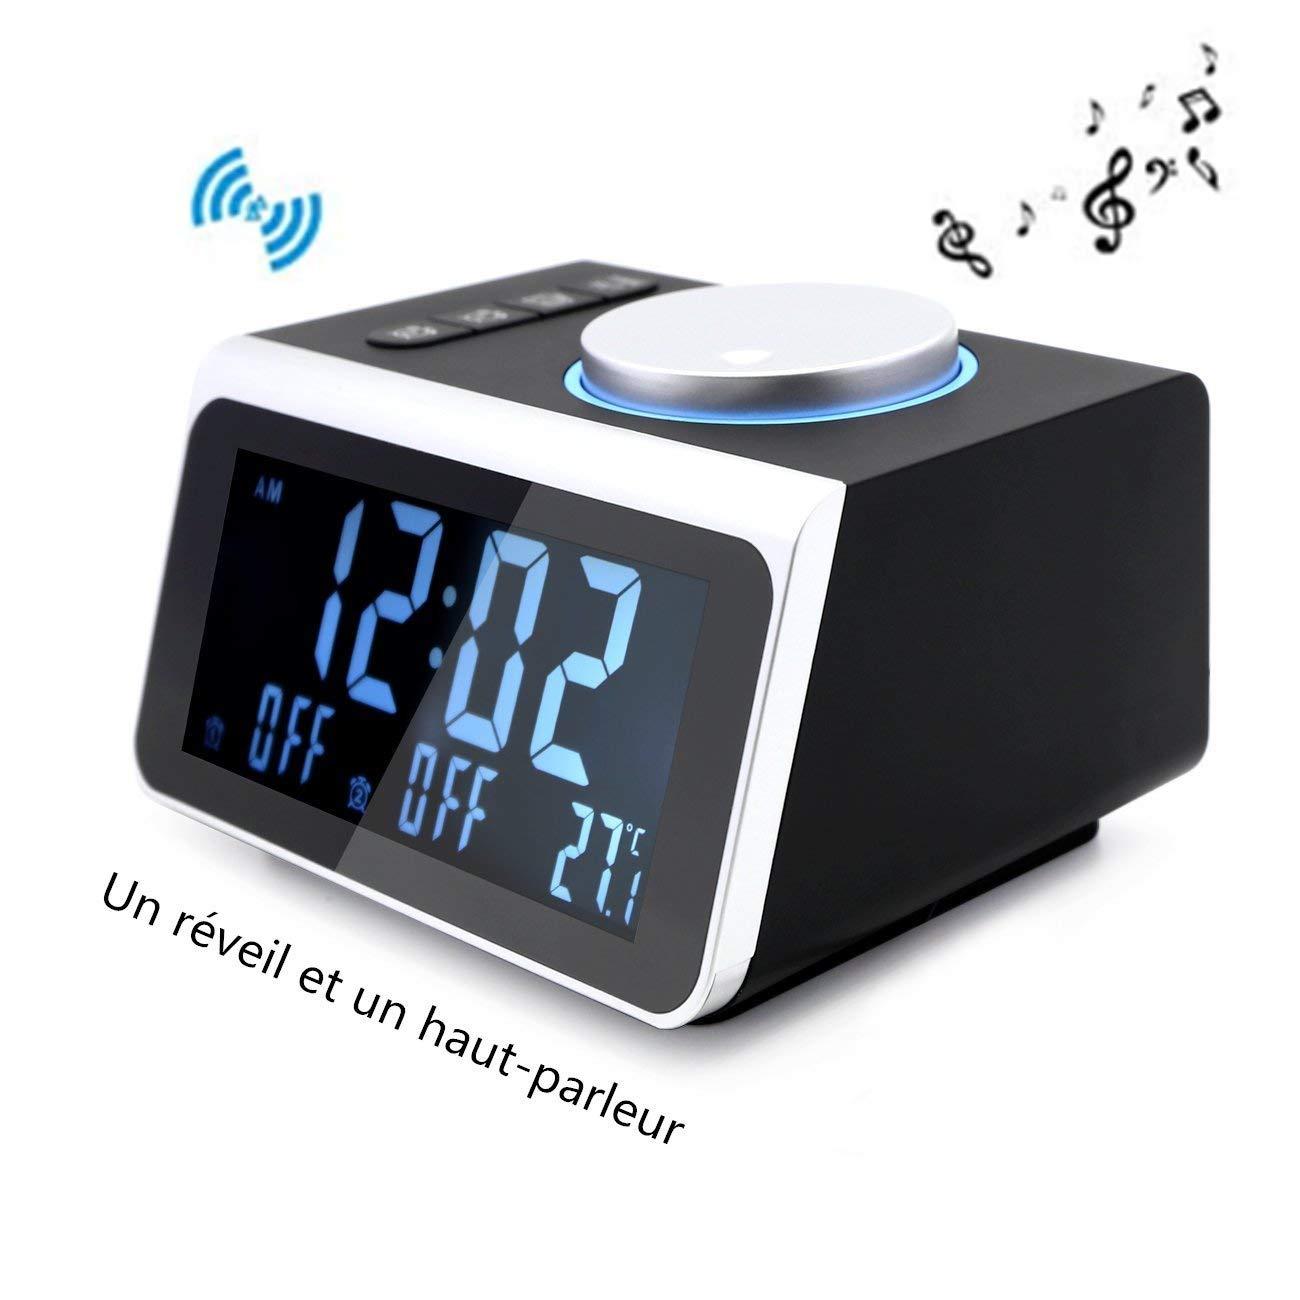 12H / 24H - Monitor LCD de 3,2 Pulgadas 5 Atenuadores de Radio Reloj Despertador Digital FM Reloj de Radio Puerto de Carga Dual USB para iPhone, Android, Oficina, Habitación